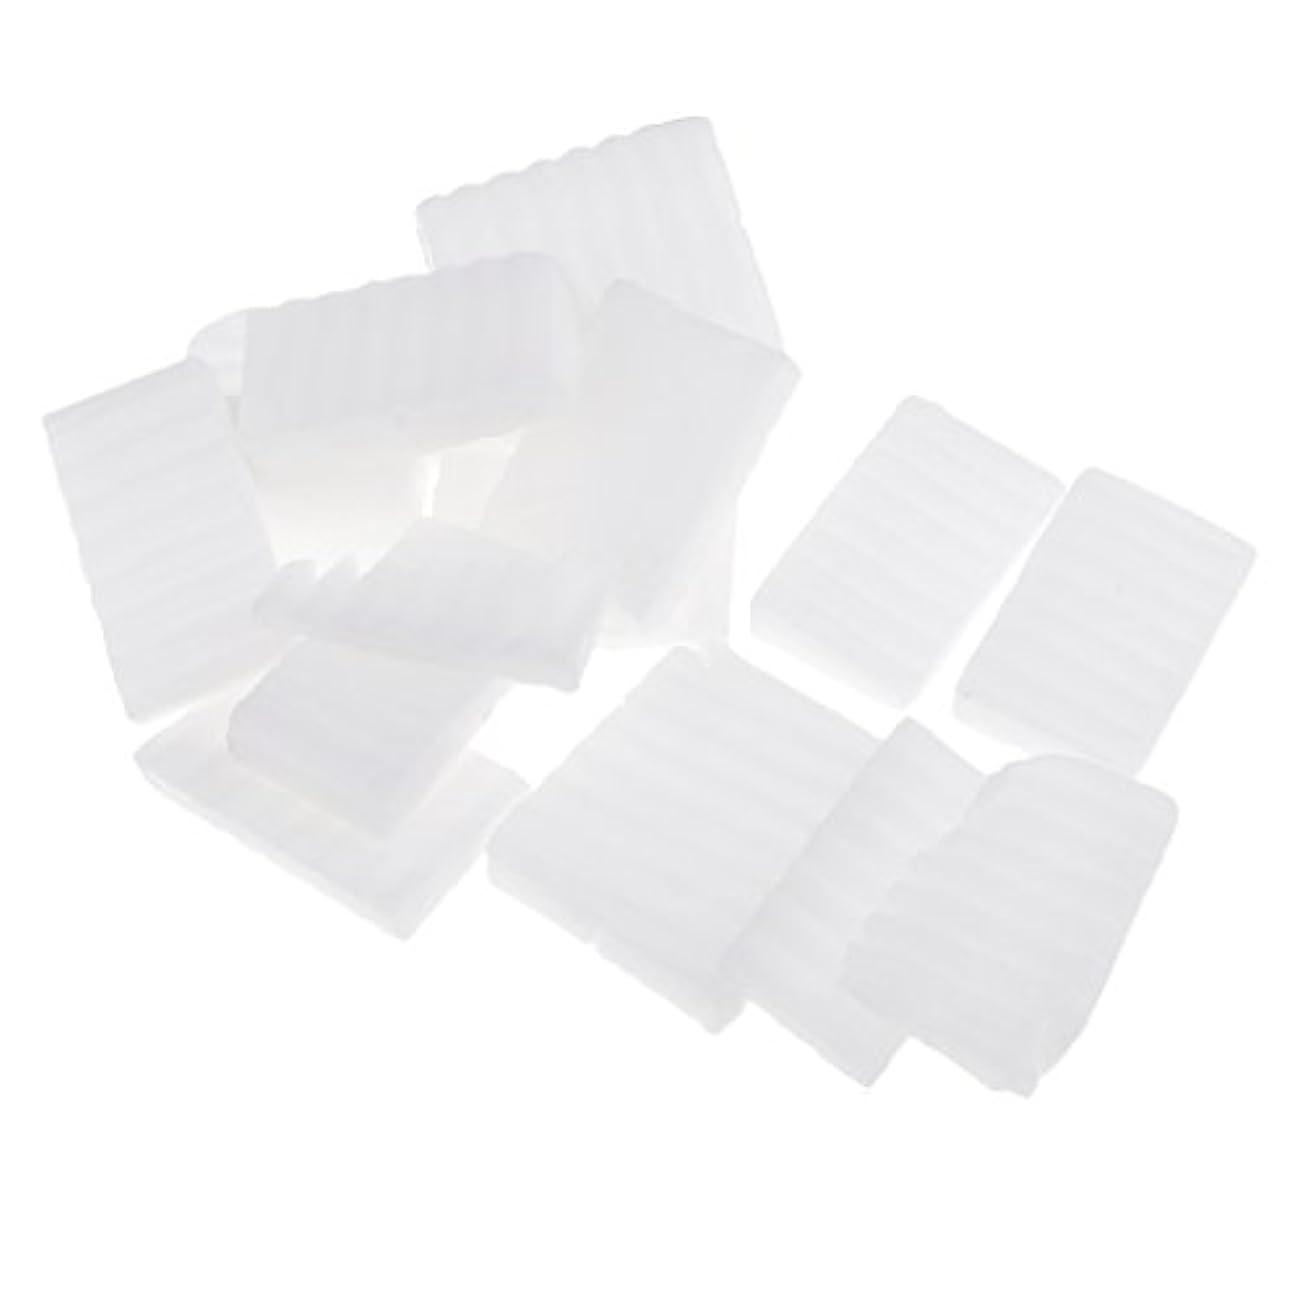 使い込むストレスの多い上下するPerfeclan 約500g ホワイト 石鹸ベース DIY 手作り 石鹸 材料